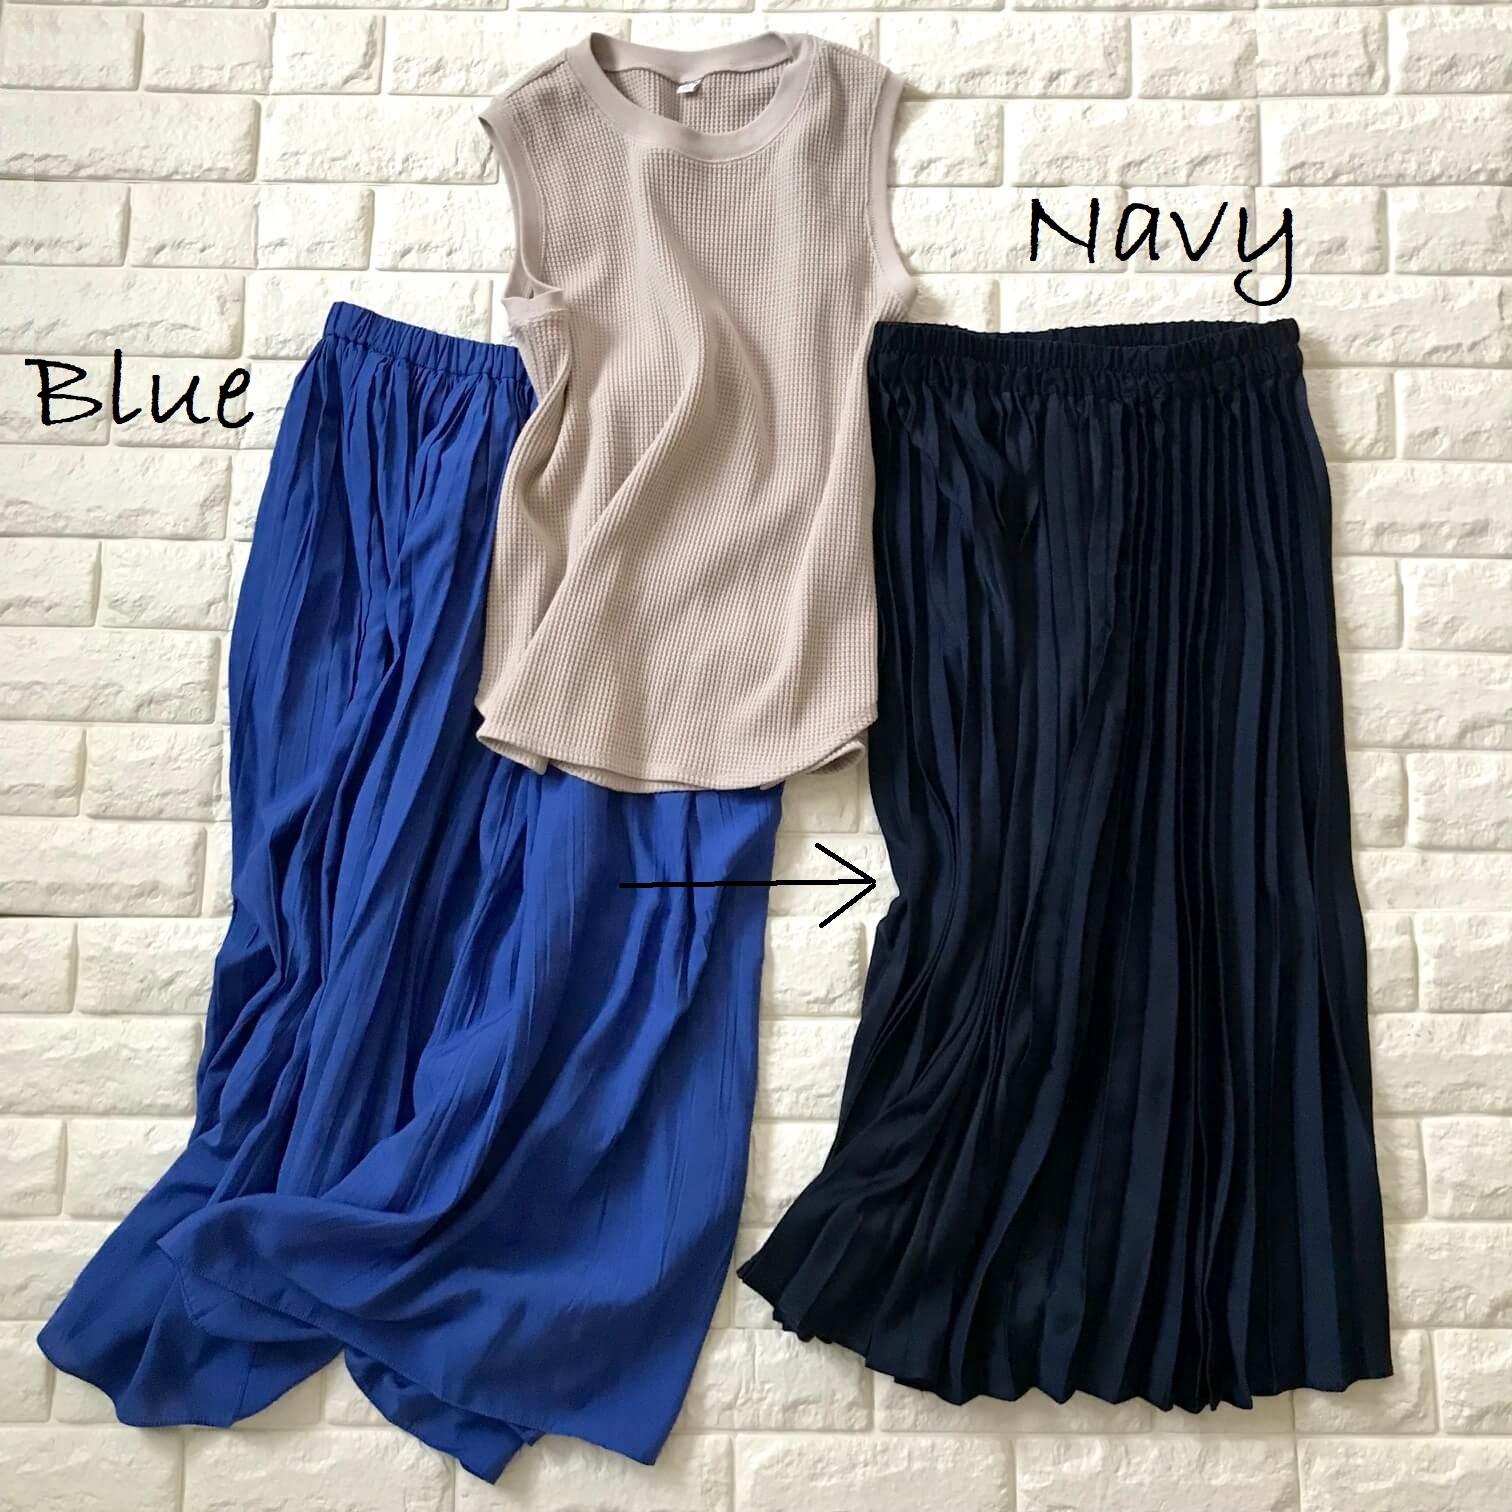 ブルー系のスカート比較画像